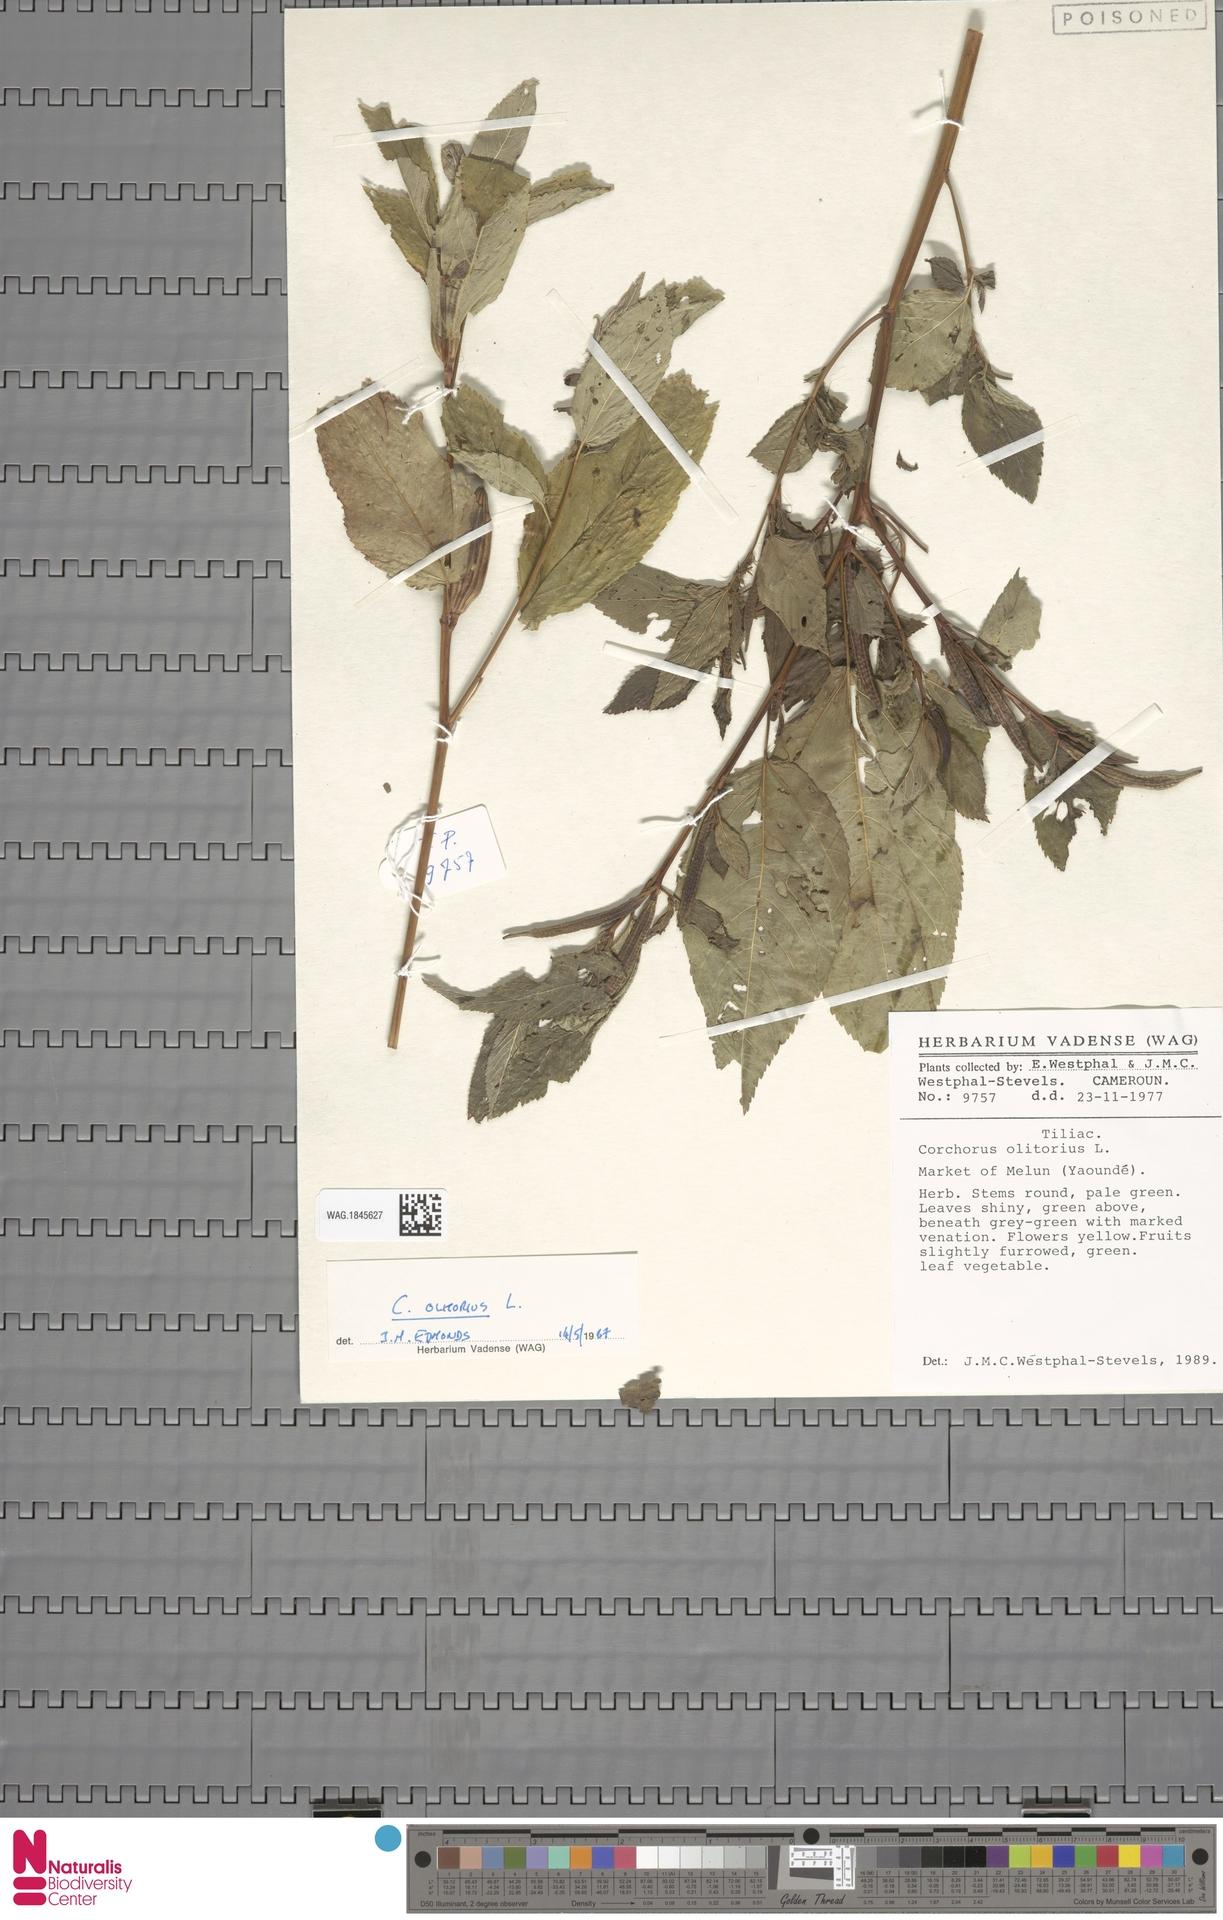 WAG.1845627 | Corchorus olitorius L.